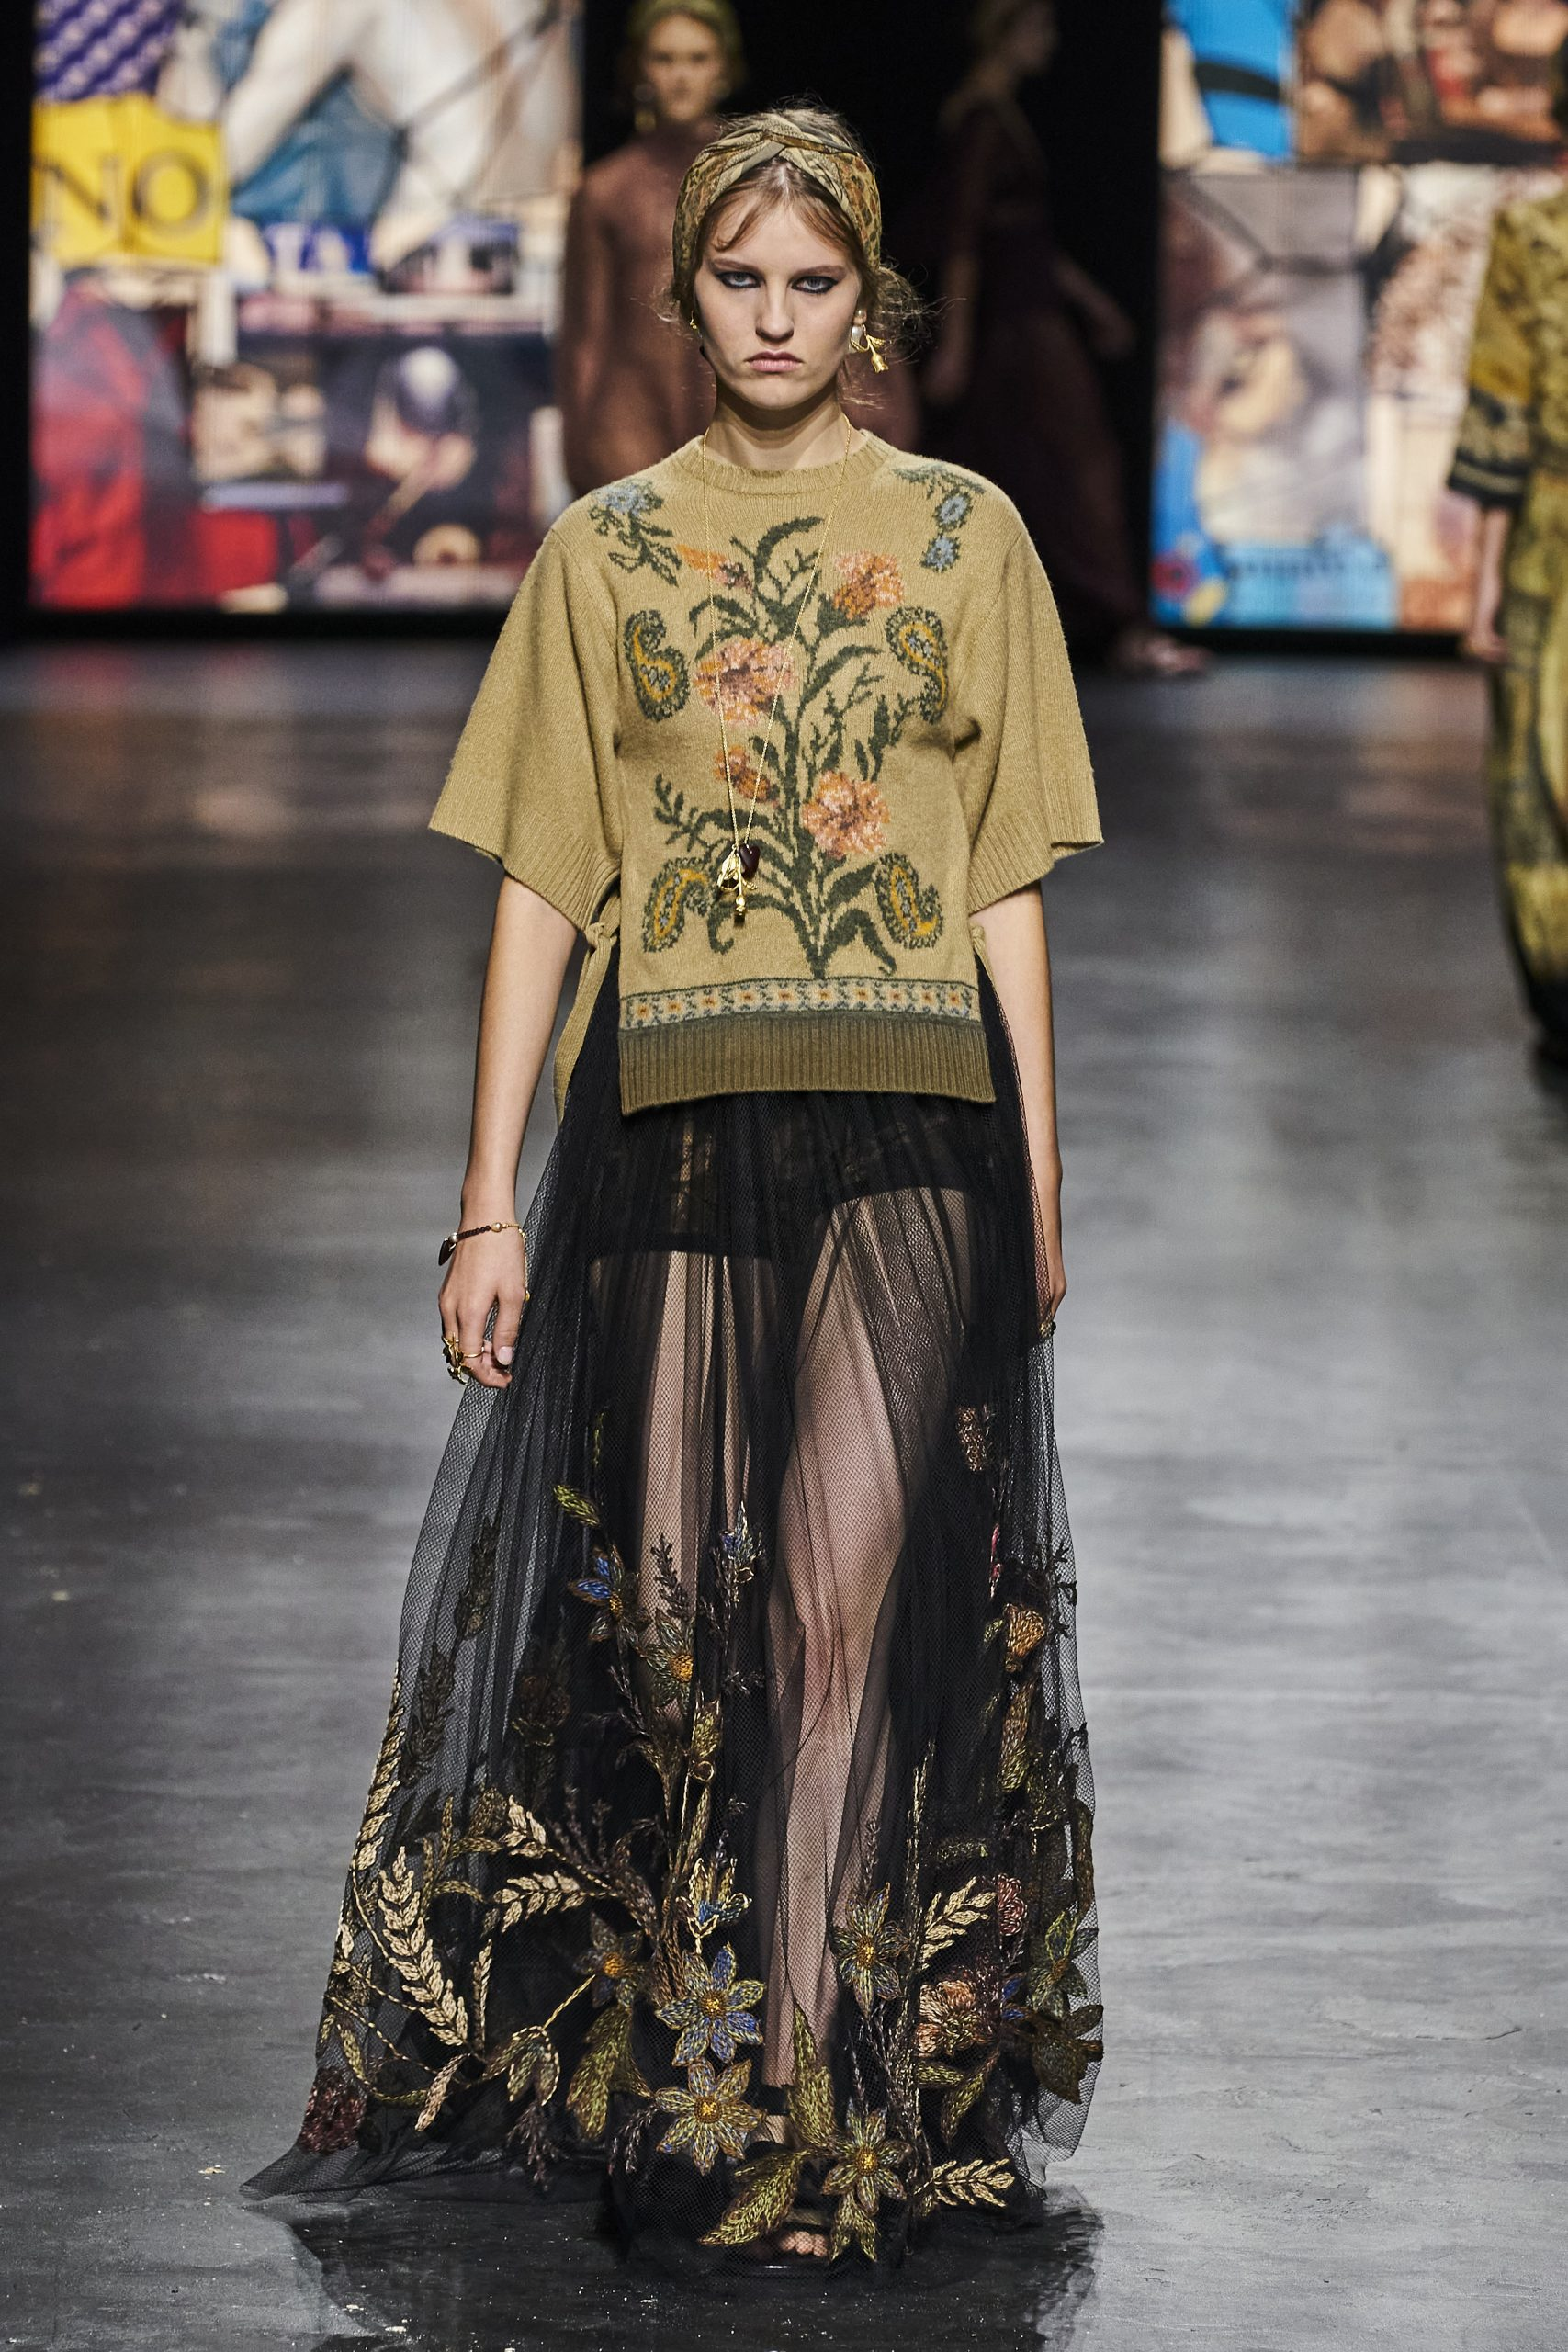 7. kép: Párizsi divathét - Christian Dior - 2021 tavasz-nyár - ready to wear